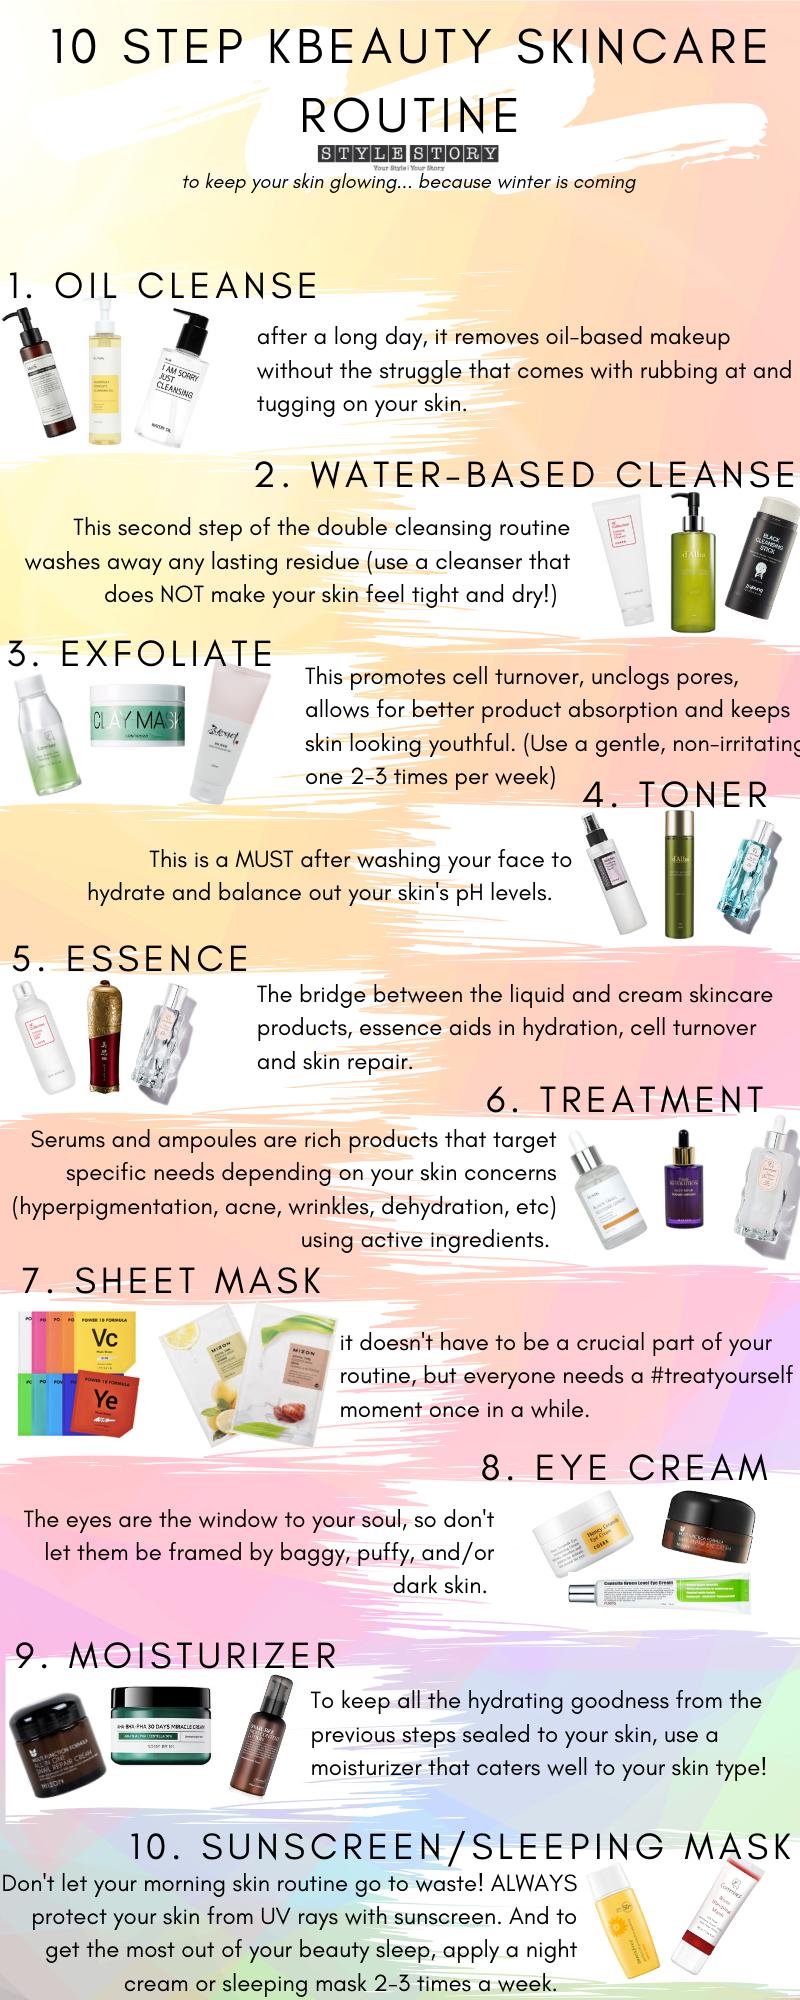 Wie Koreanisch Skincare Produkte Bewerben K Beauty Routine Skin Care Routine Steps Korean Beauty Routine